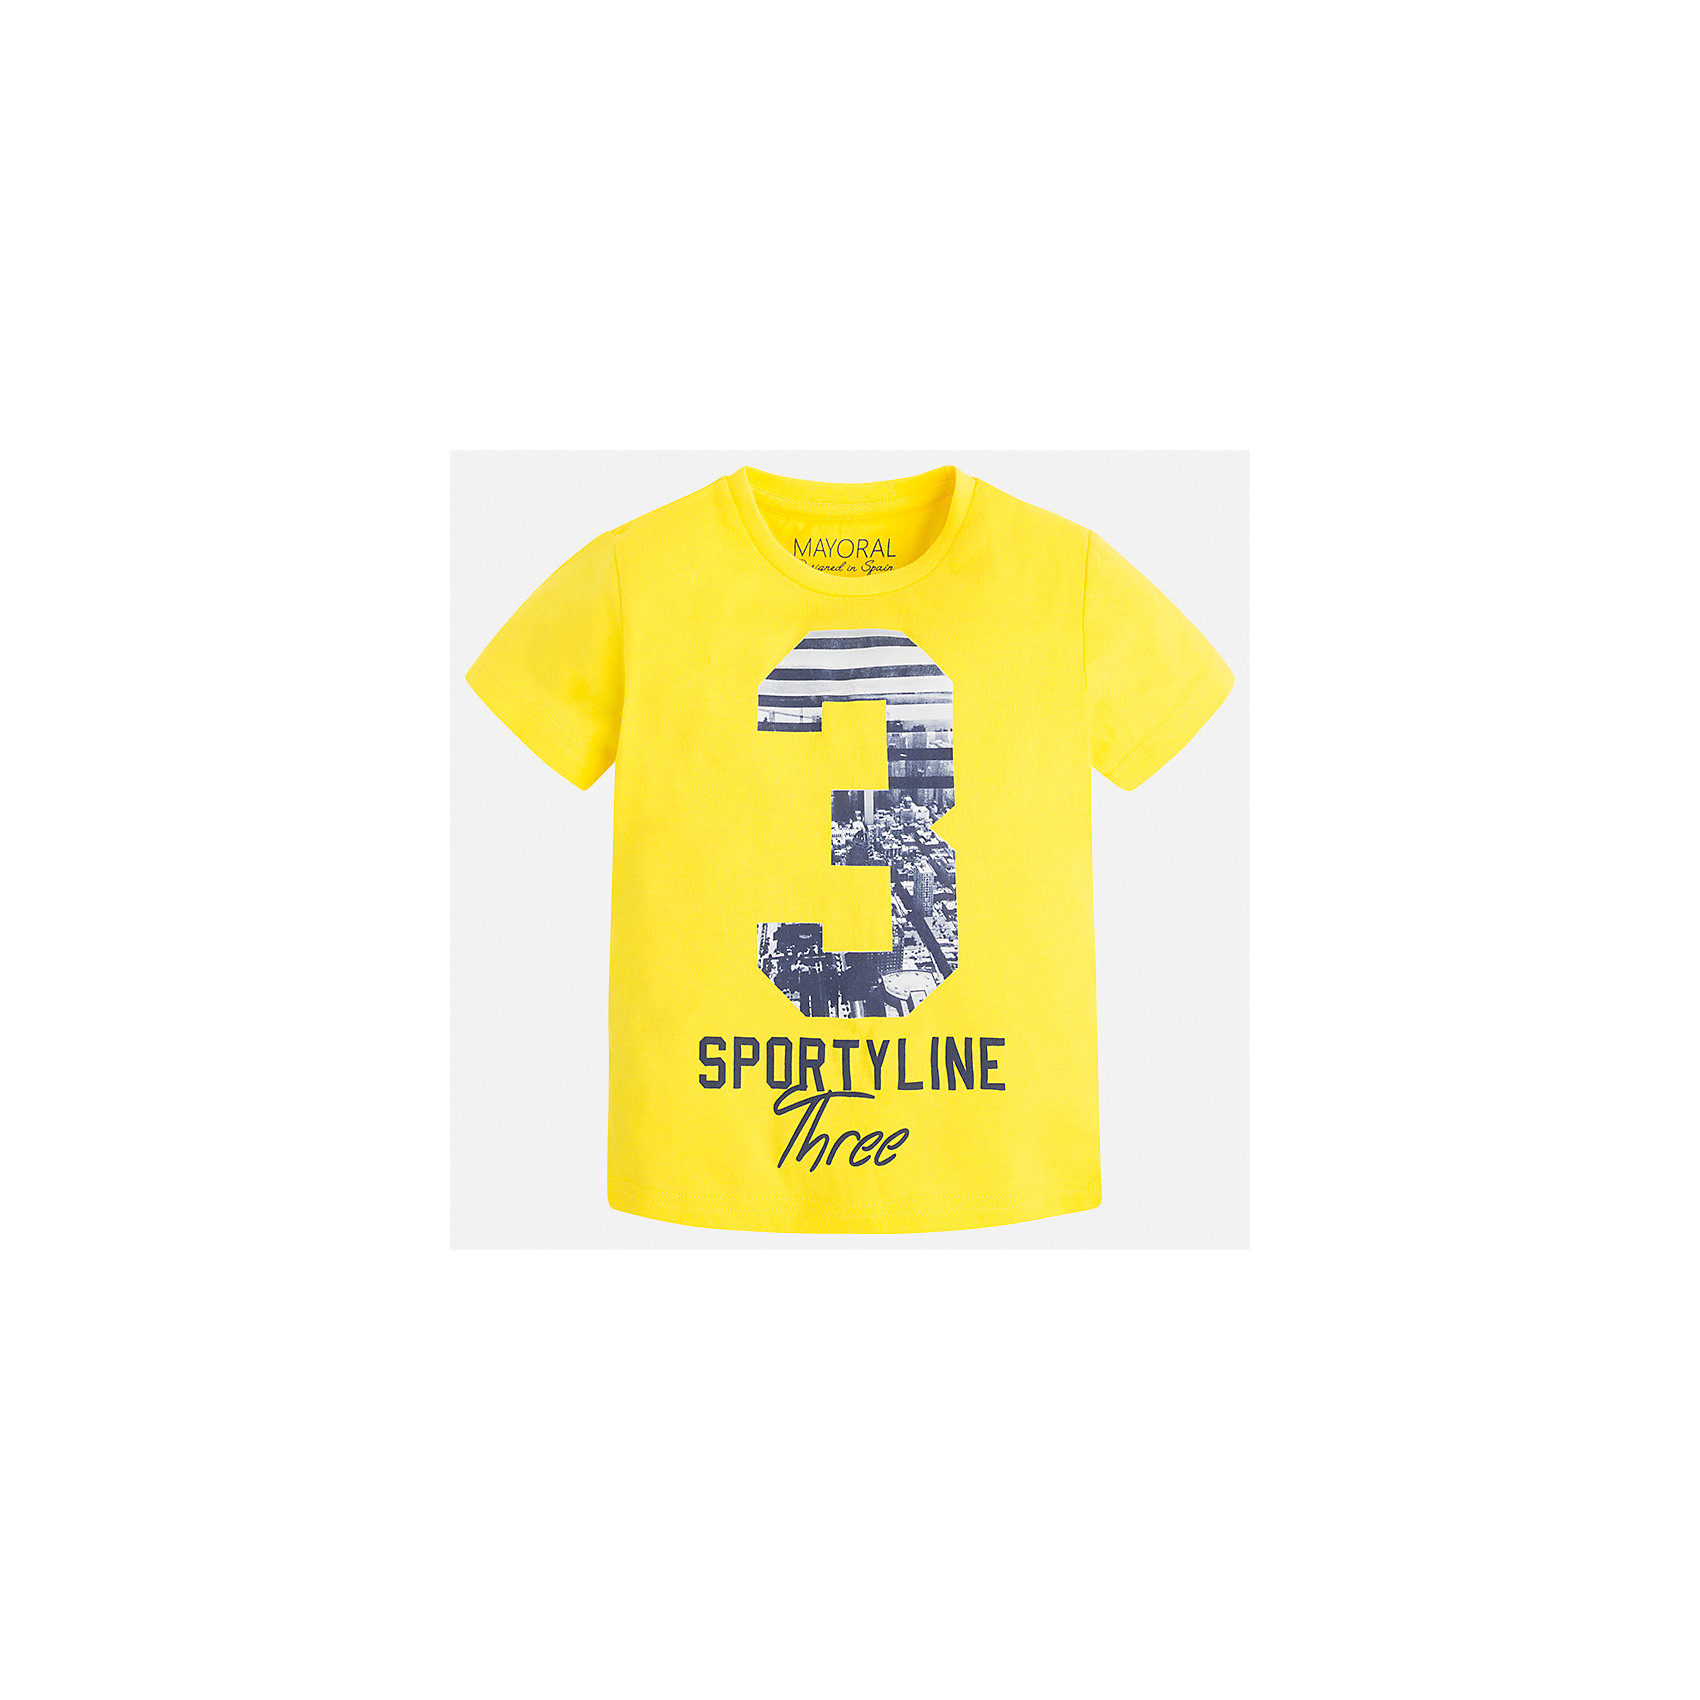 Футболка для мальчика MayoralФутболки, поло и топы<br>Характеристики товара:<br><br>• цвет: желтый<br>• состав: 100% хлопок<br>• круглый горловой вырез<br>• декорирована принтом<br>• короткие рукава<br>• отделка горловины<br>• страна бренда: Испания<br><br>Удобная модная футболка с принтом поможет разнообразить гардероб мальчика. Она отлично сочетается с брюками, шортами, джинсами. Универсальный крой и цвет позволяет подобрать к вещи низ разных расцветок. Практичное и стильное изделие! Хорошо смотрится и комфортно сидит на детях. В составе материала - только натуральный хлопок, гипоаллергенный, приятный на ощупь, дышащий. <br><br>Одежда, обувь и аксессуары от испанского бренда Mayoral полюбились детям и взрослым по всему миру. Модели этой марки - стильные и удобные. Для их производства используются только безопасные, качественные материалы и фурнитура. Порадуйте ребенка модными и красивыми вещами от Mayoral! <br><br>Футболку для мальчика от испанского бренда Mayoral (Майорал) можно купить в нашем интернет-магазине.<br><br>Ширина мм: 199<br>Глубина мм: 10<br>Высота мм: 161<br>Вес г: 151<br>Цвет: желтый<br>Возраст от месяцев: 18<br>Возраст до месяцев: 24<br>Пол: Мужской<br>Возраст: Детский<br>Размер: 92,134,128,122,116,110,104,98<br>SKU: 5280192